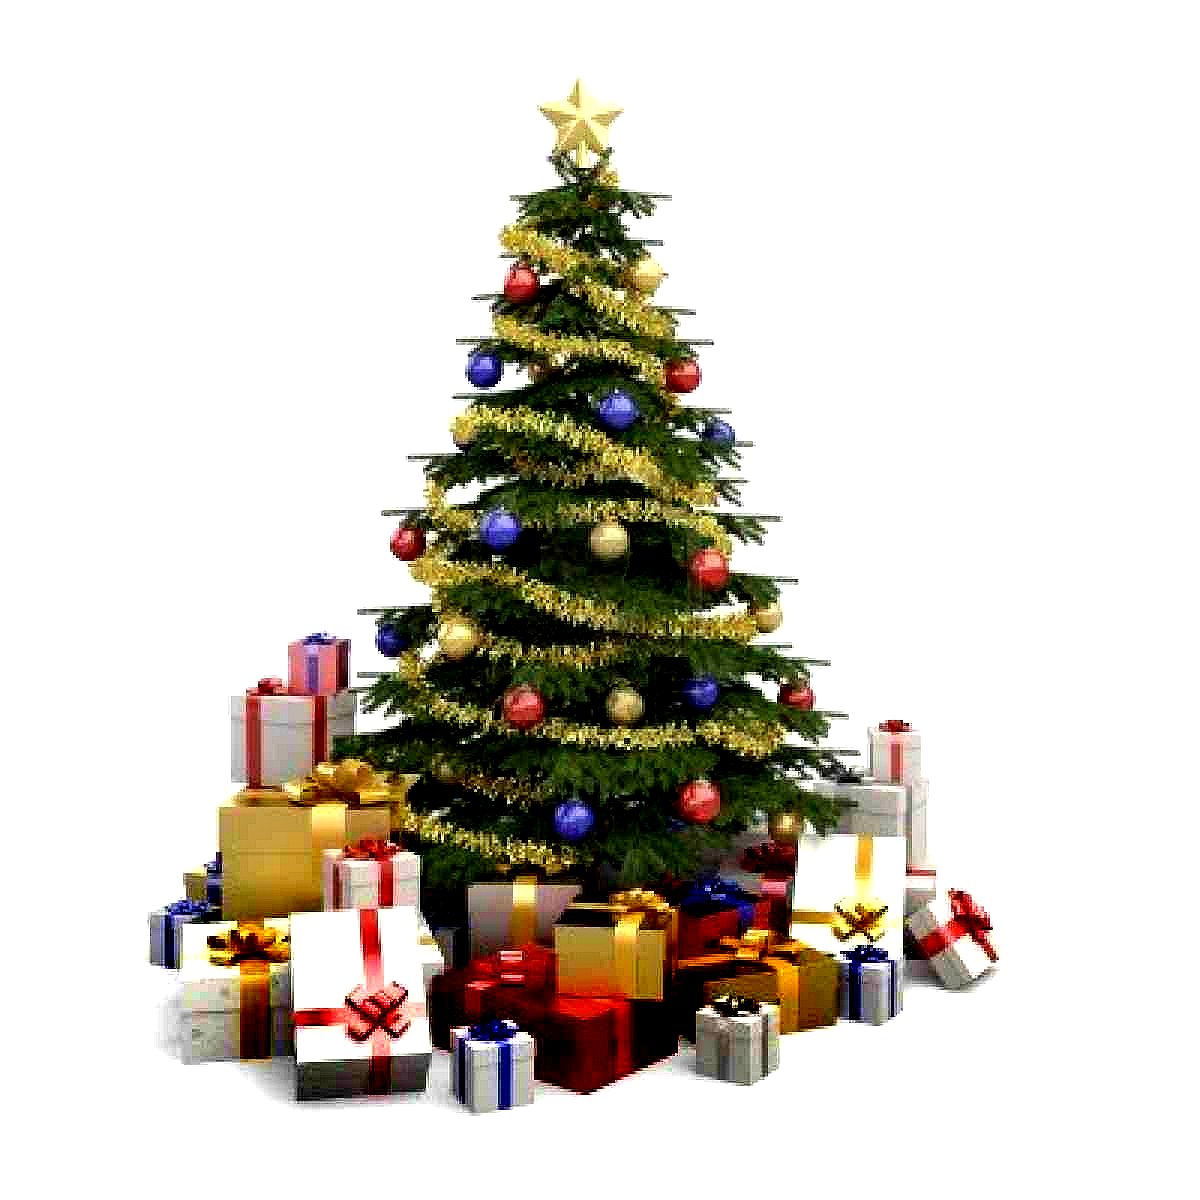 Christmas Tree English Christmas Spirit